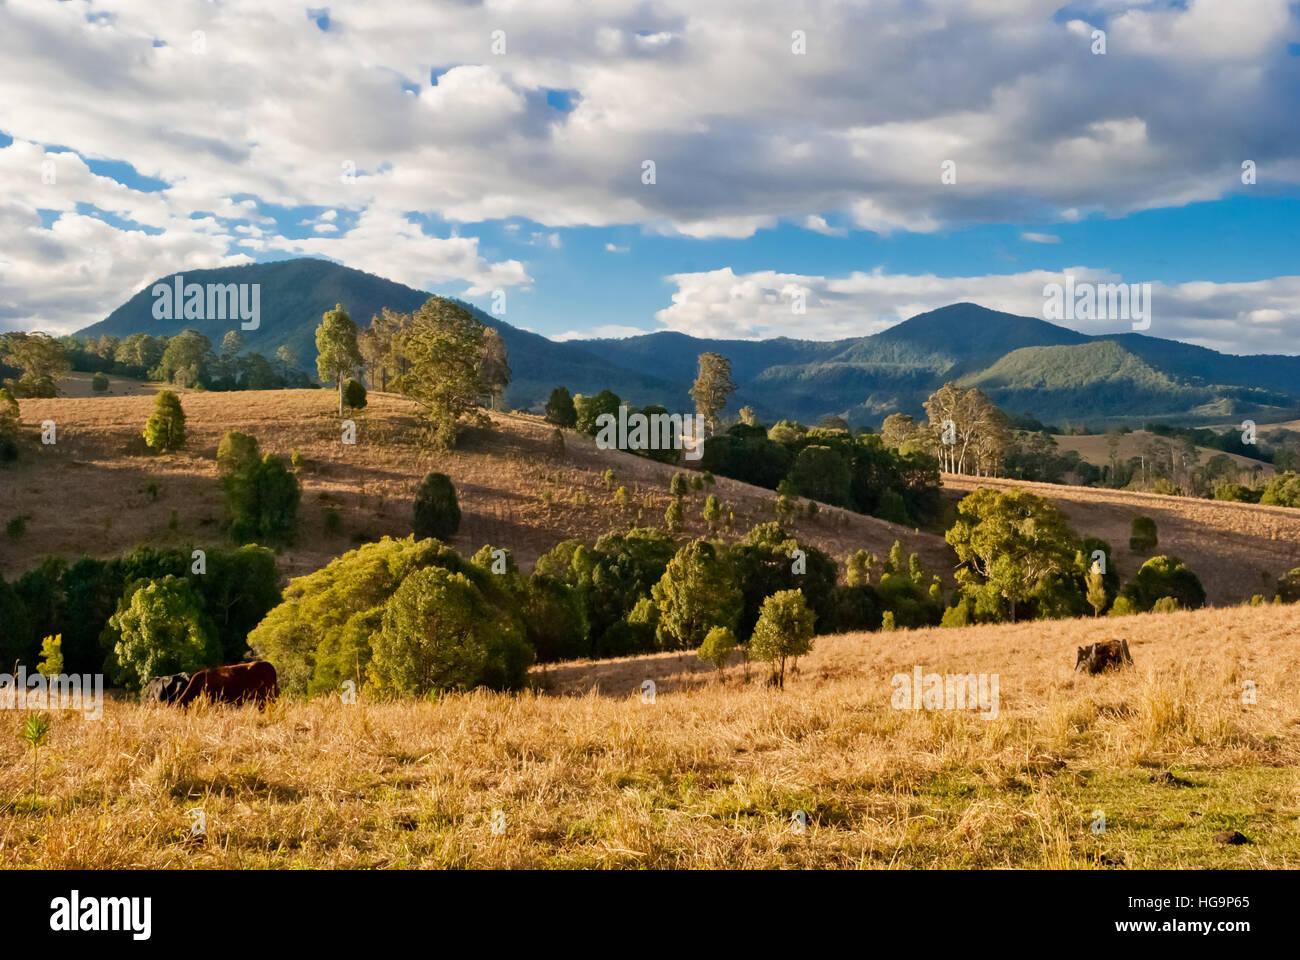 Nimbin, Australien, ländlichen Landschaft Stockbild